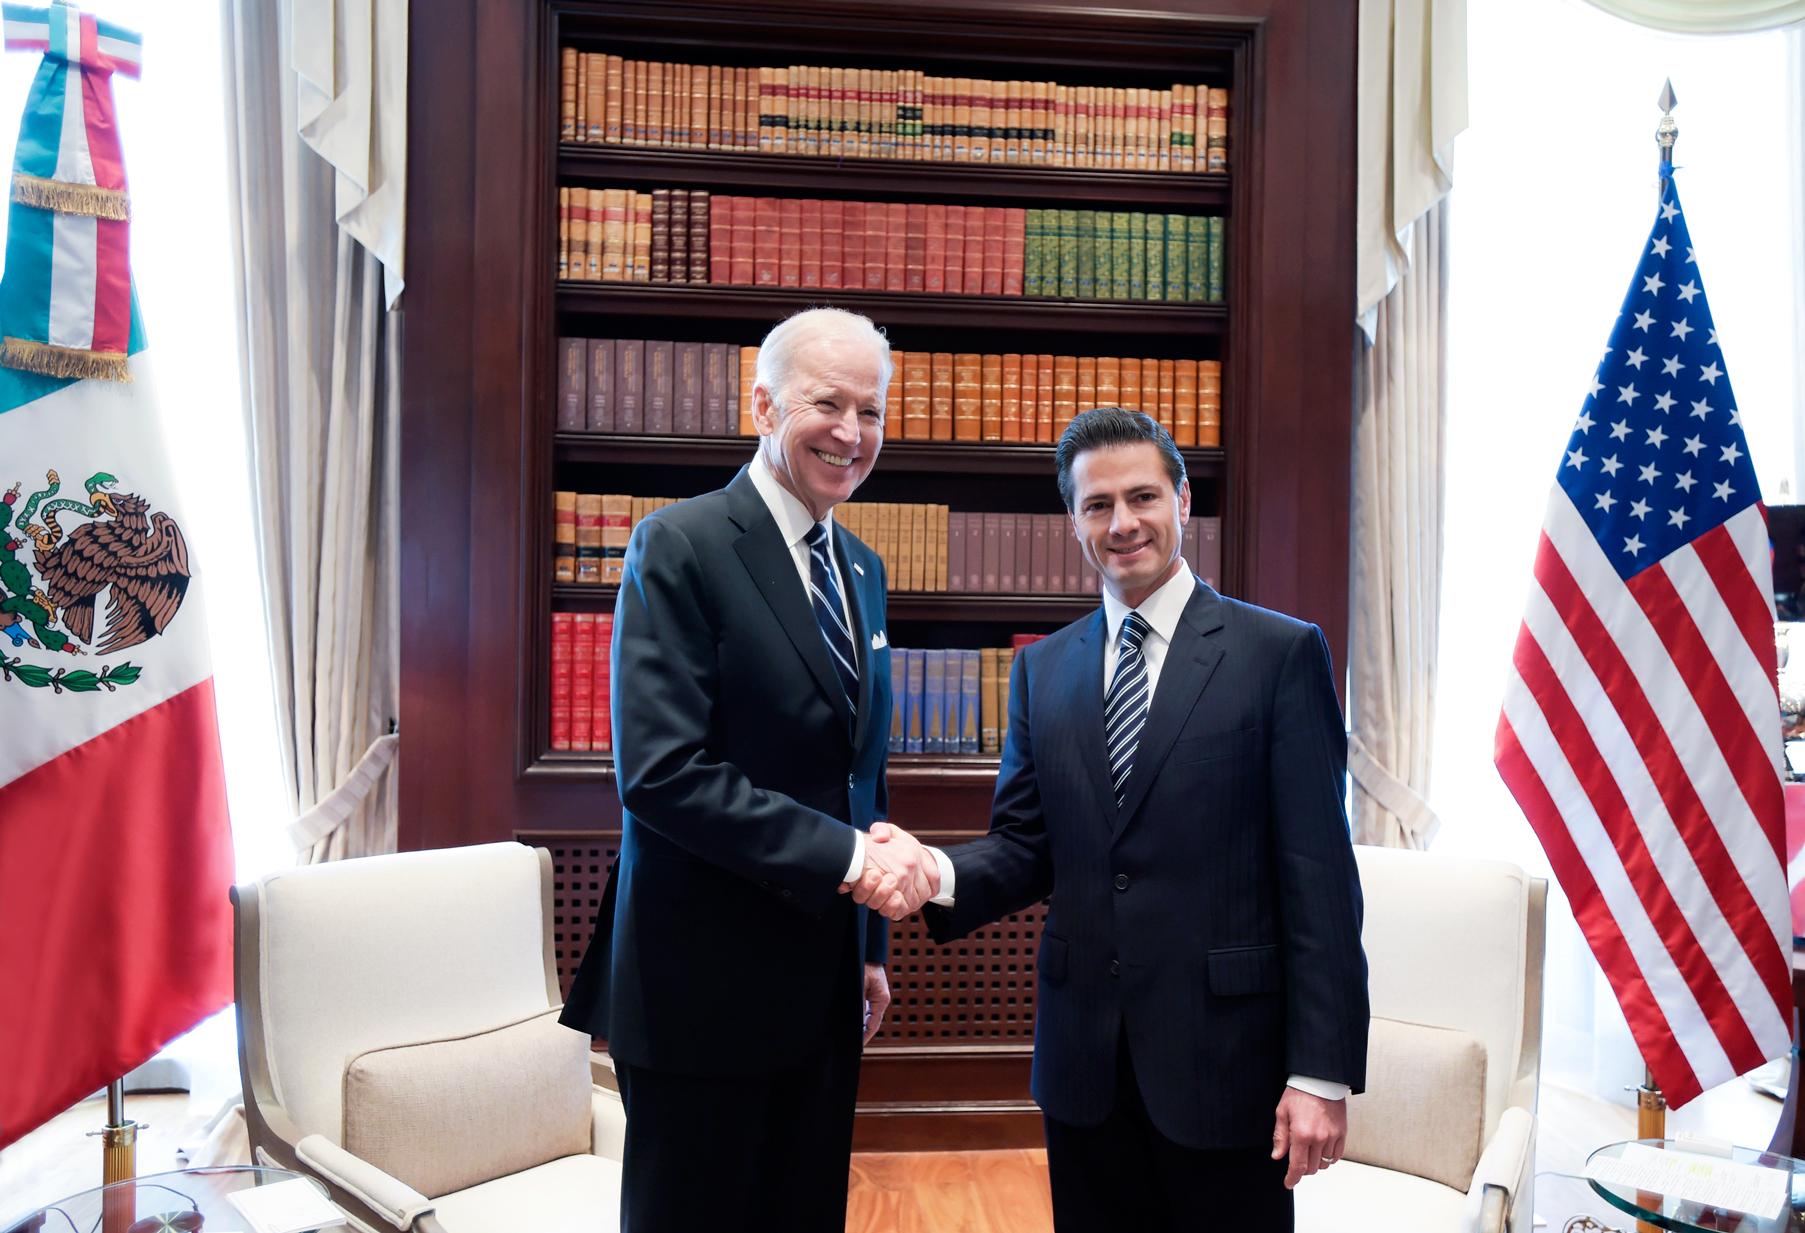 El mandatario mexicano se reunió en la Residencia Oficial de Los Pinos con el Vicepresidente de los Estados Unidos de América, Joseph Biden.